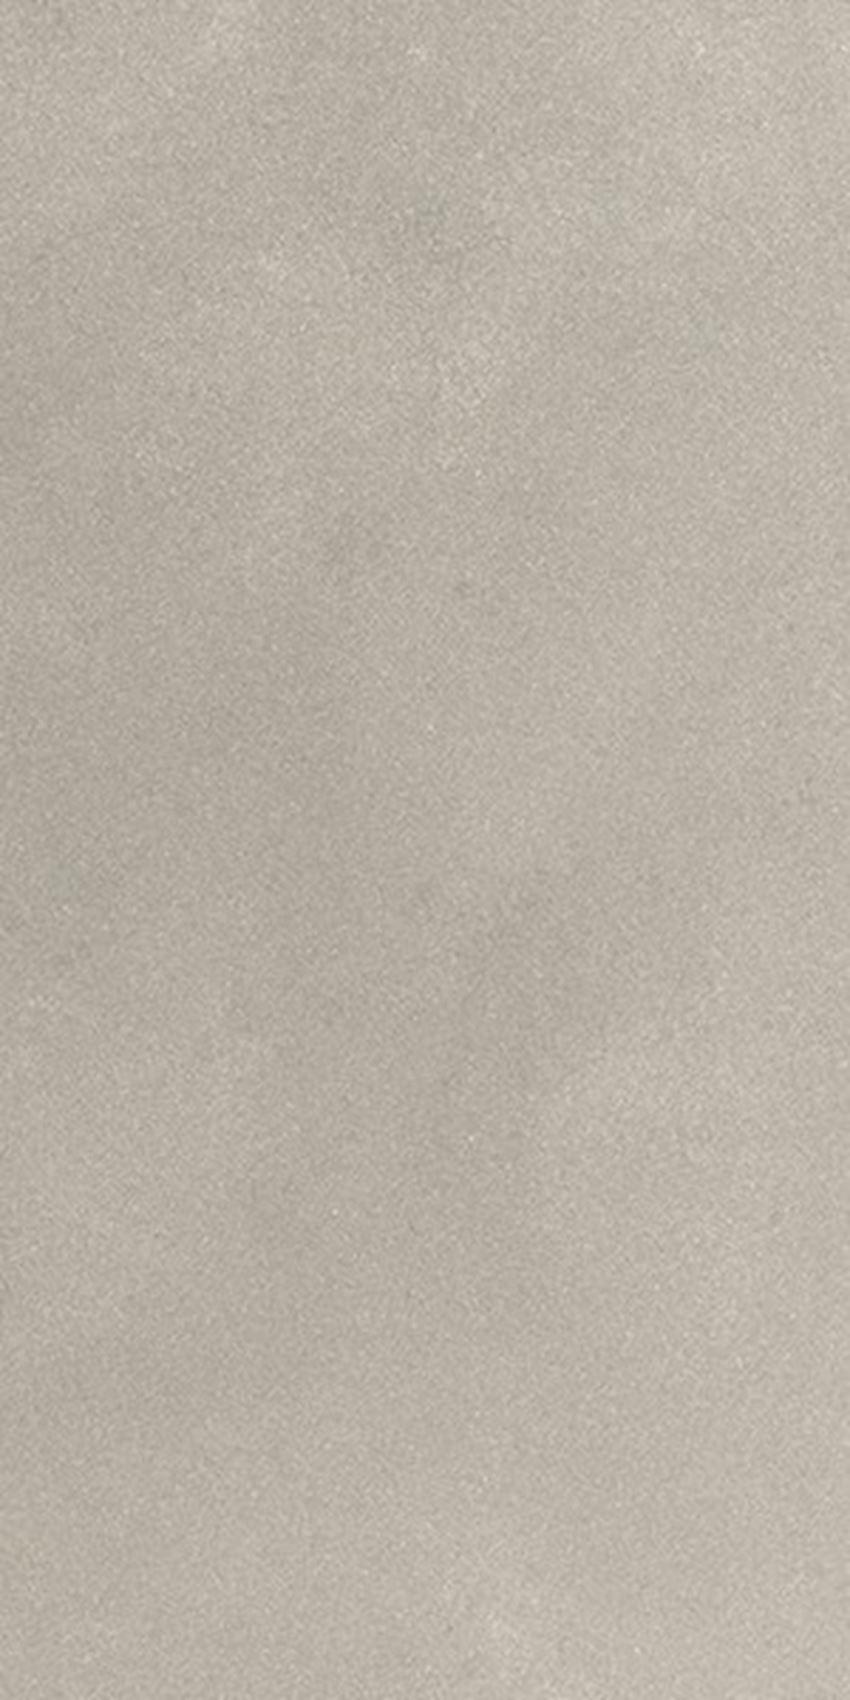 Płytka uniwersalna 29,7x59,7 cm Nowa Gala Neutro NU 12